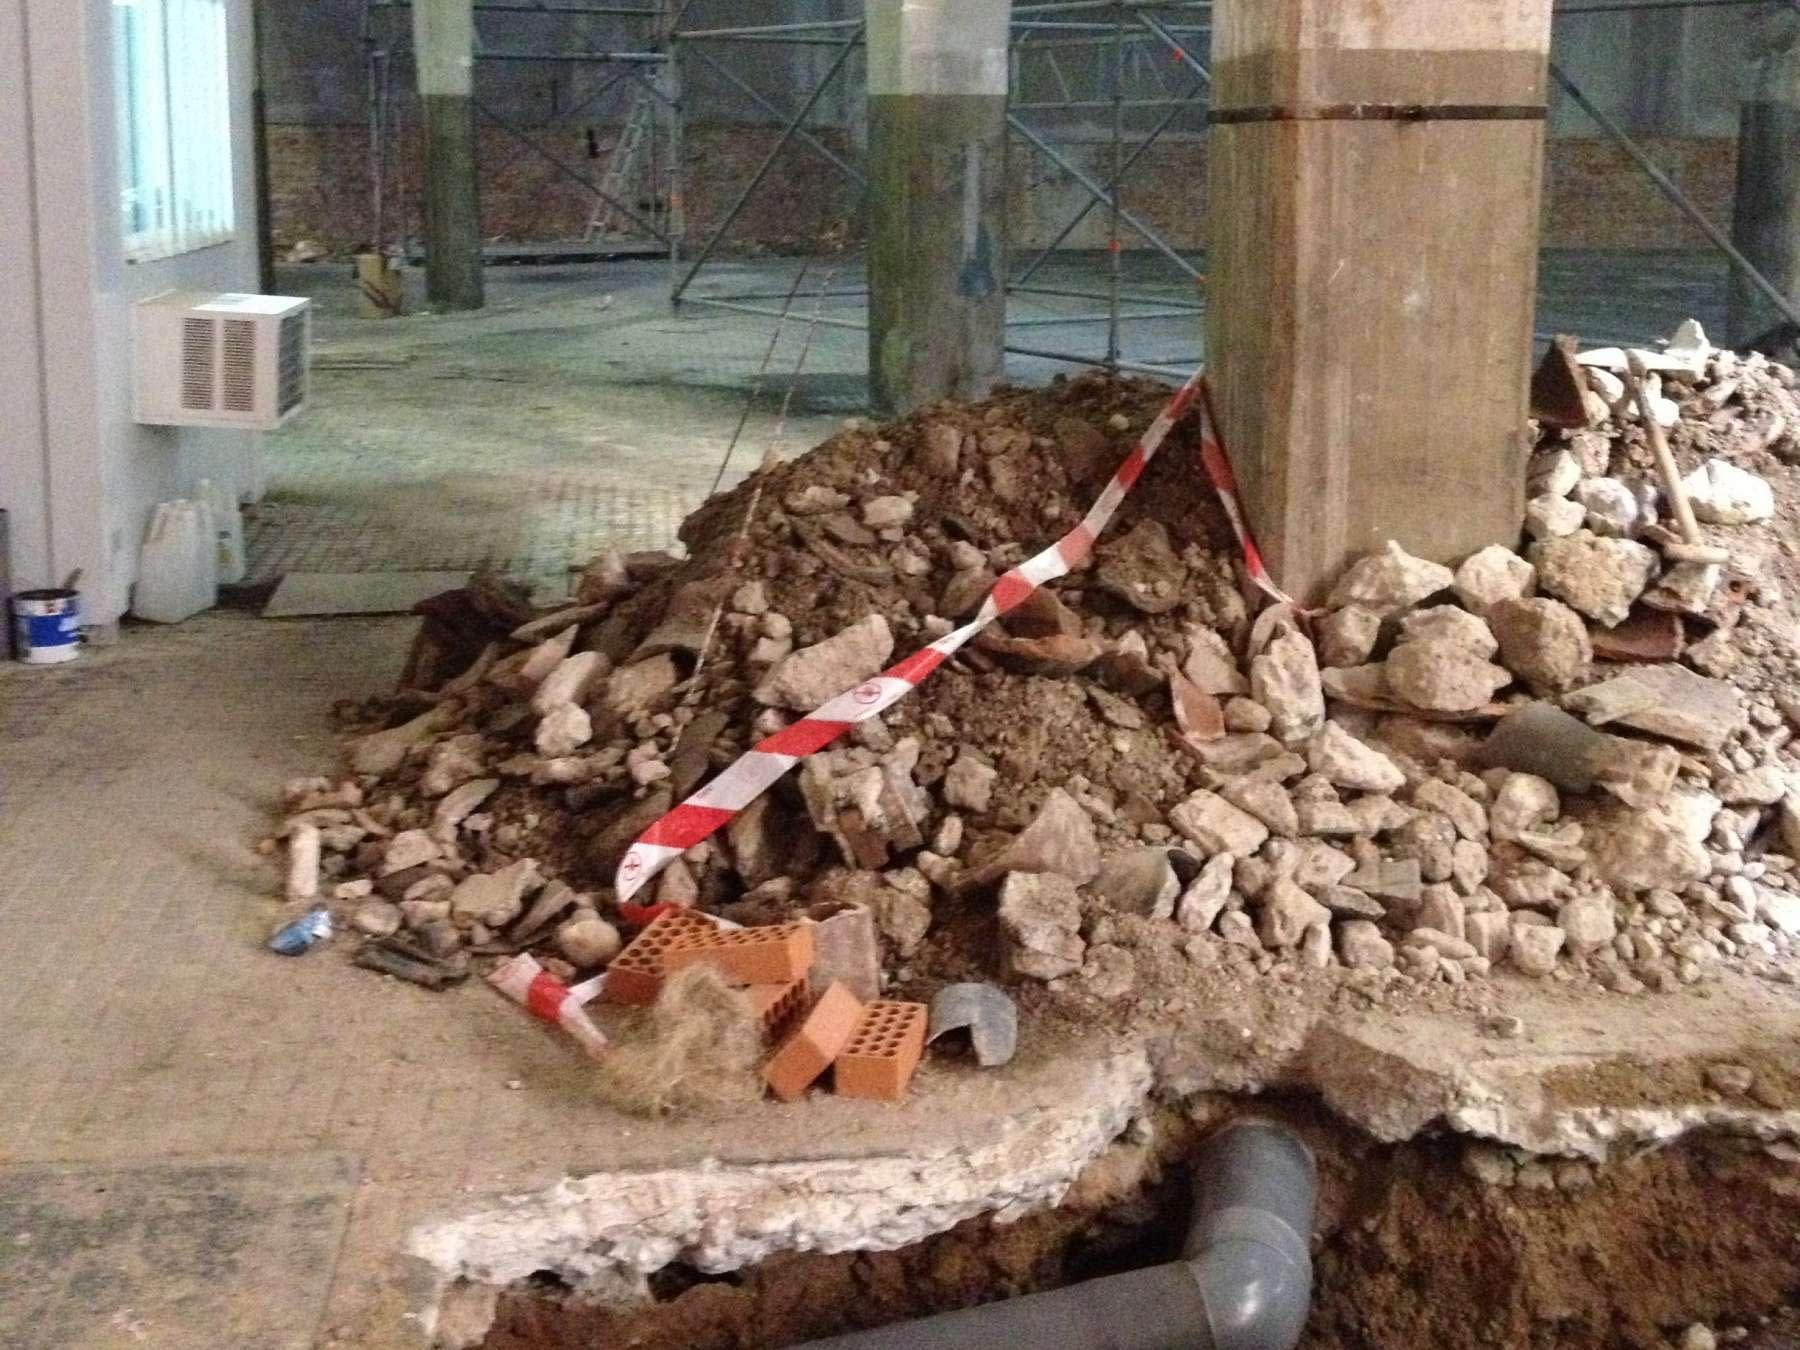 Saneamiento 2 rehabilitación de edificio de uso mixto en Arganzuela, Madrid